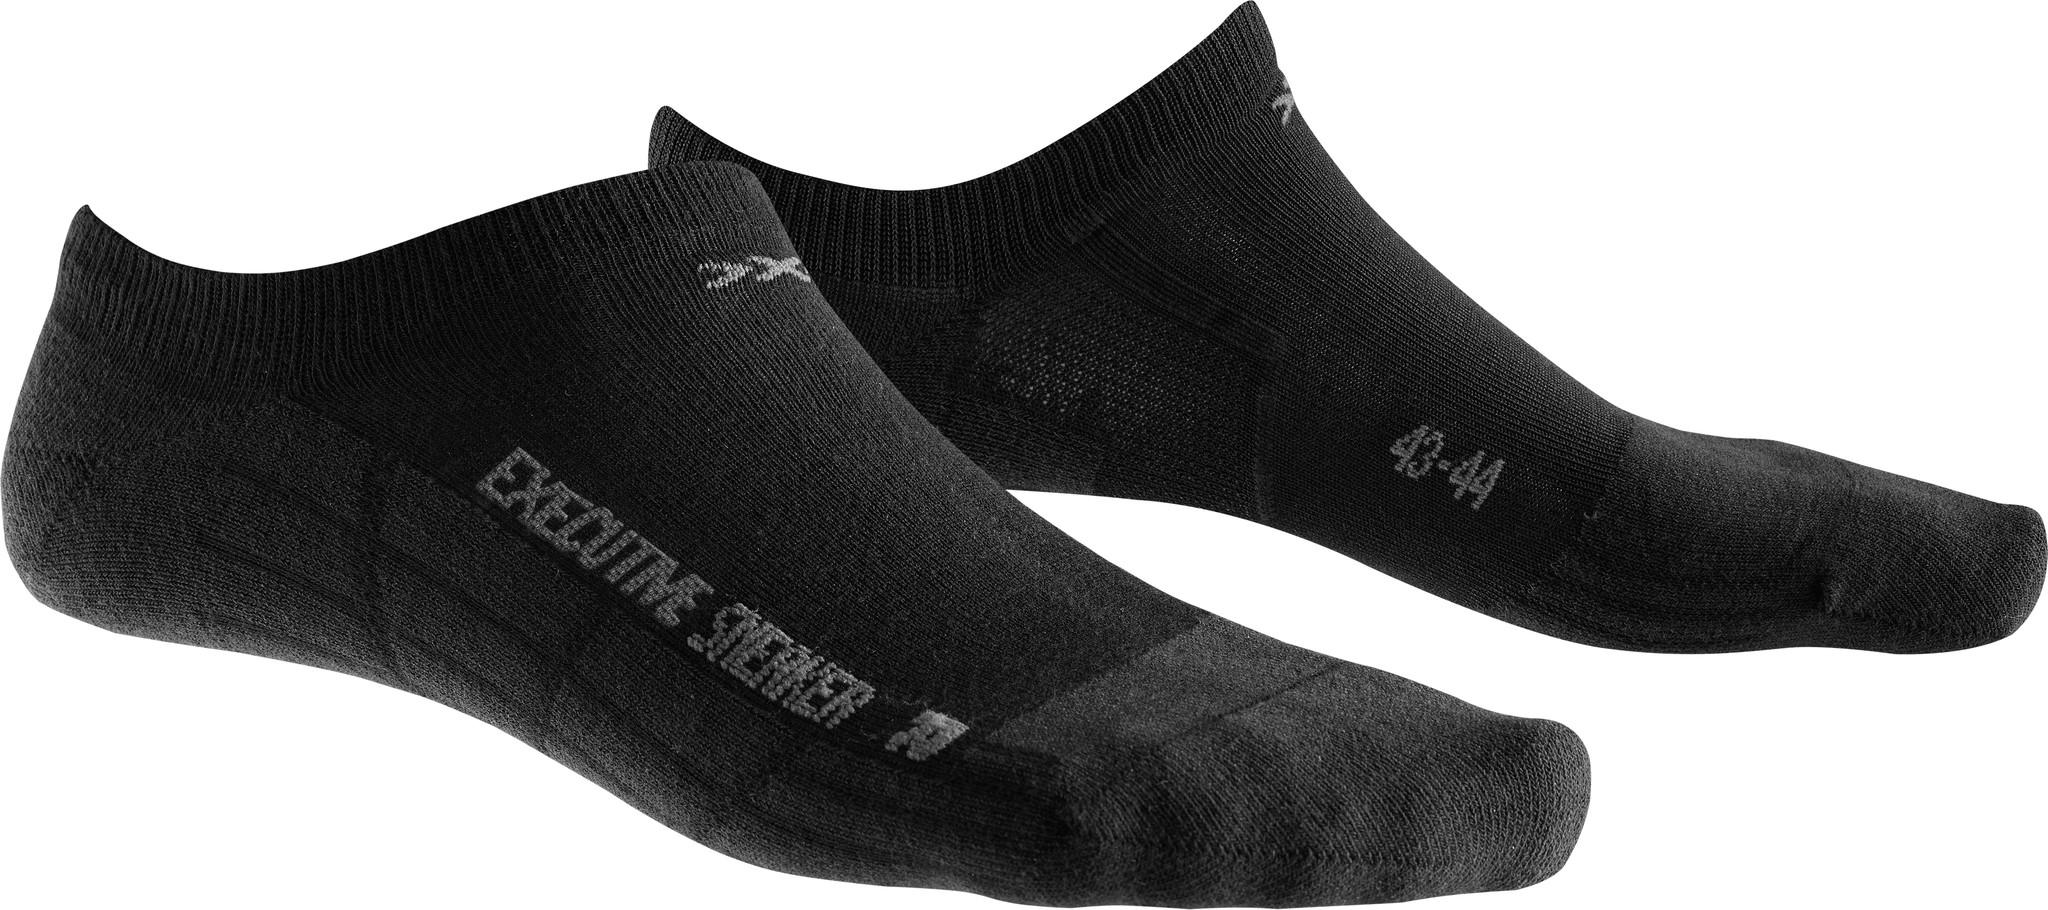 X-SOCKS Socken, Strümpfe Sneaker Executive Schwarz unisex von Gr. 39 - 46 S17-XS1